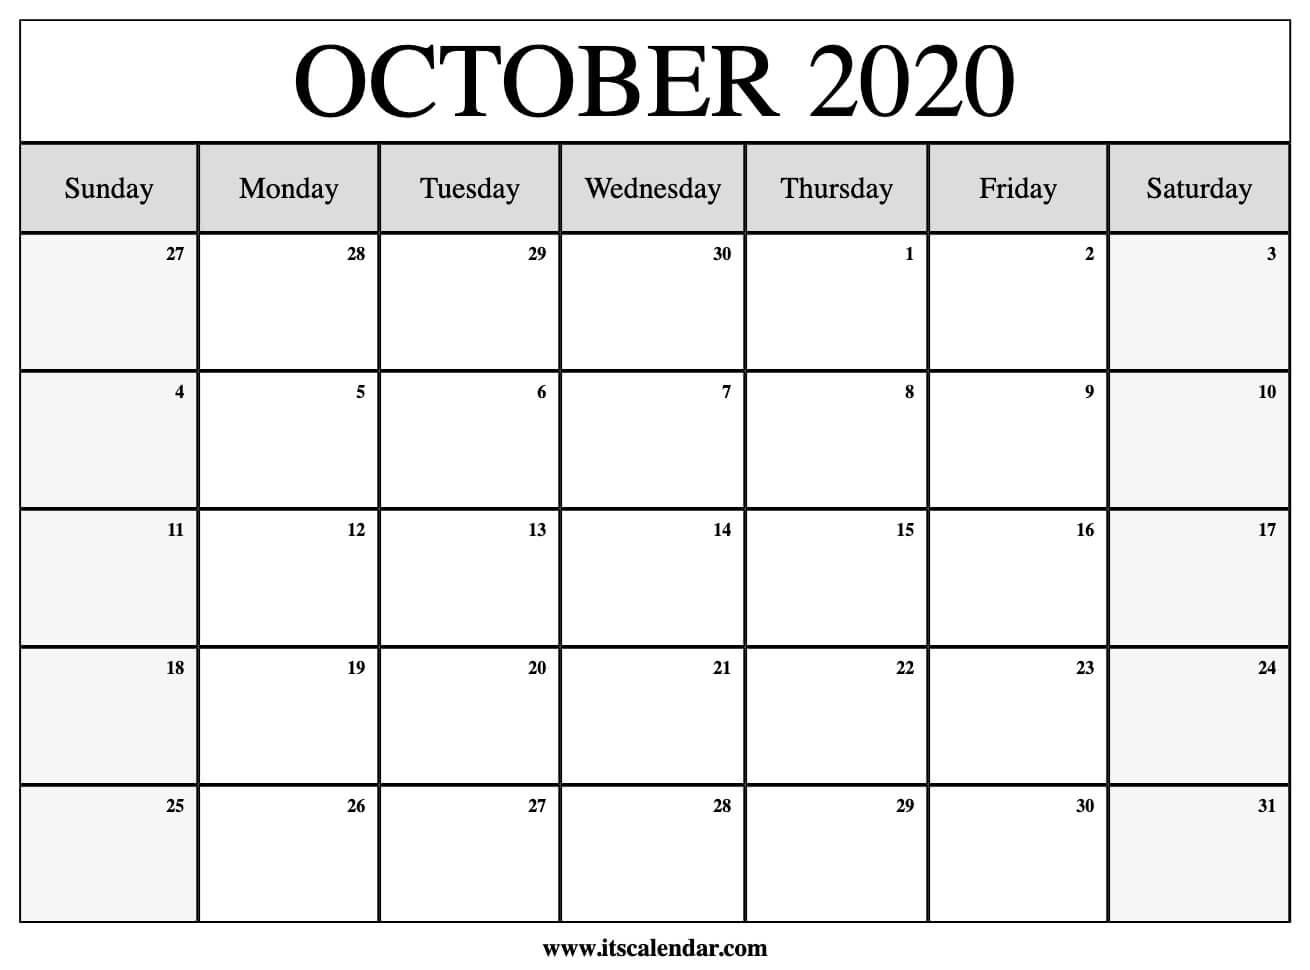 Calendar October 2020 Printable.Free Printable October 2020 Calendar